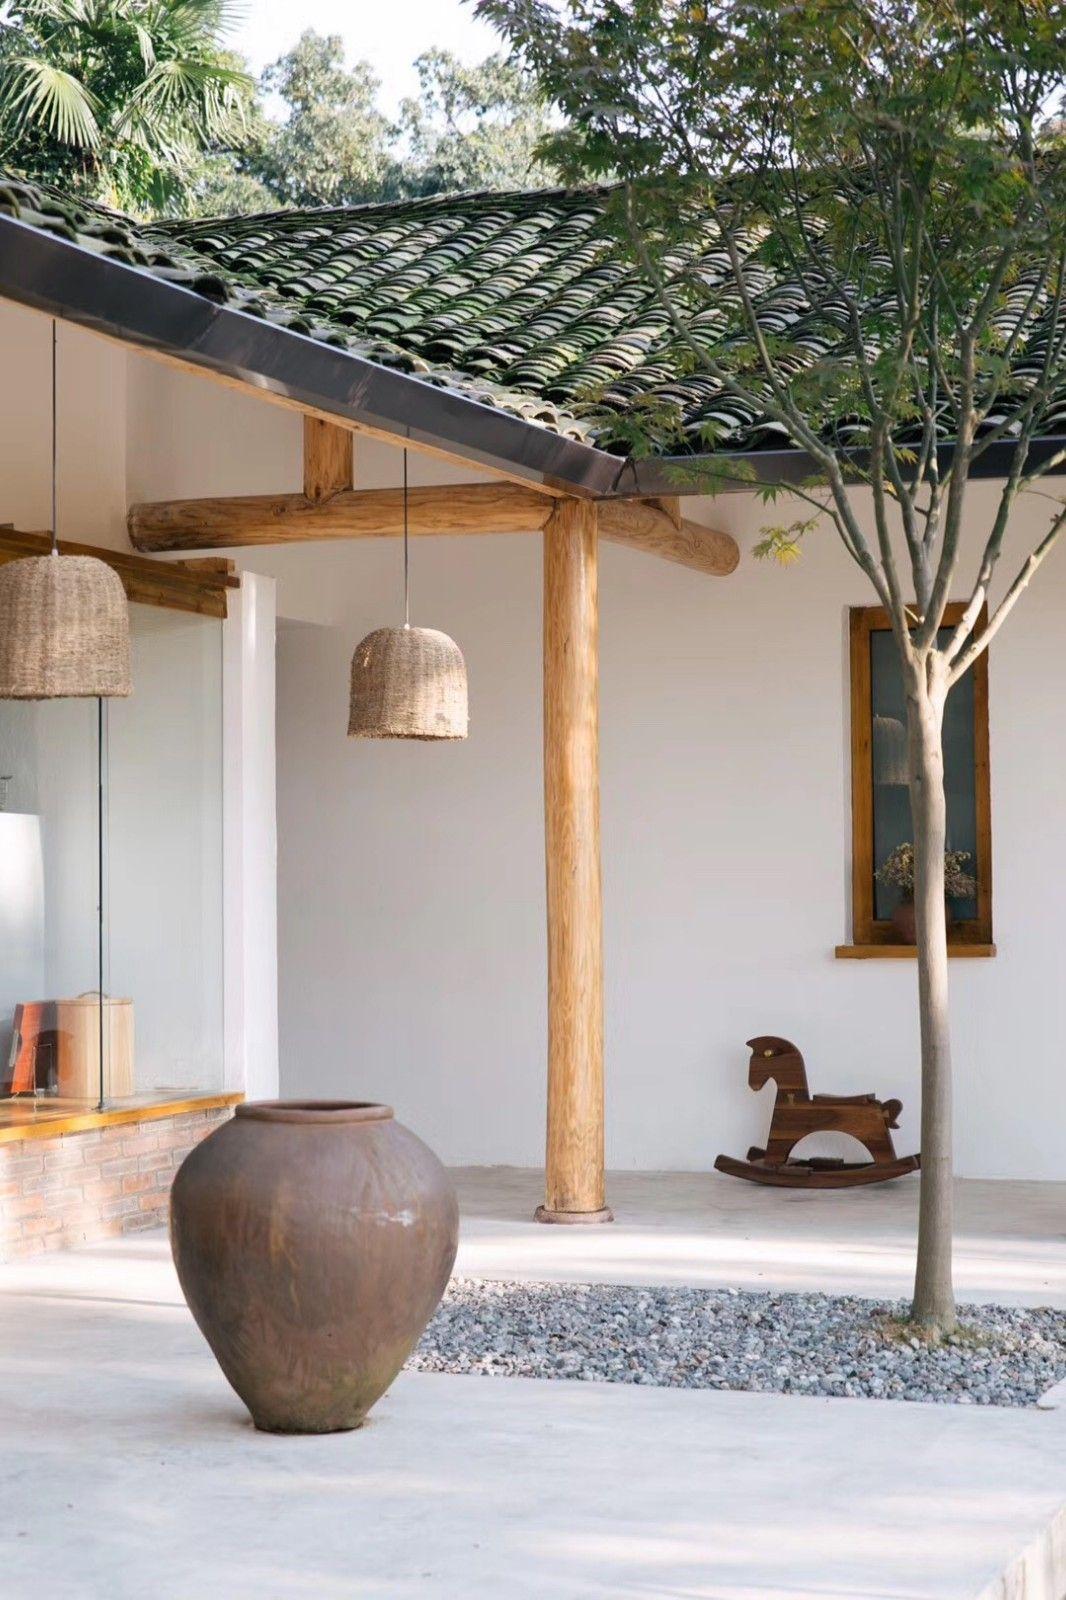 记忆里的悠悠茶香·四川-小茶院 | 使然设计|使然设计 - 22